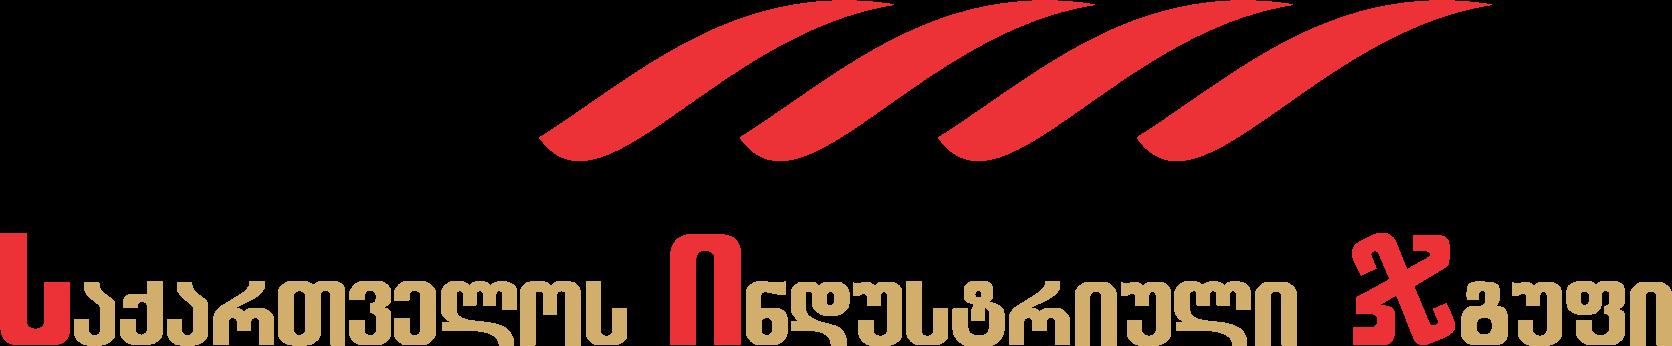 საქართველოს ინდუსტრიული ჯგუფი